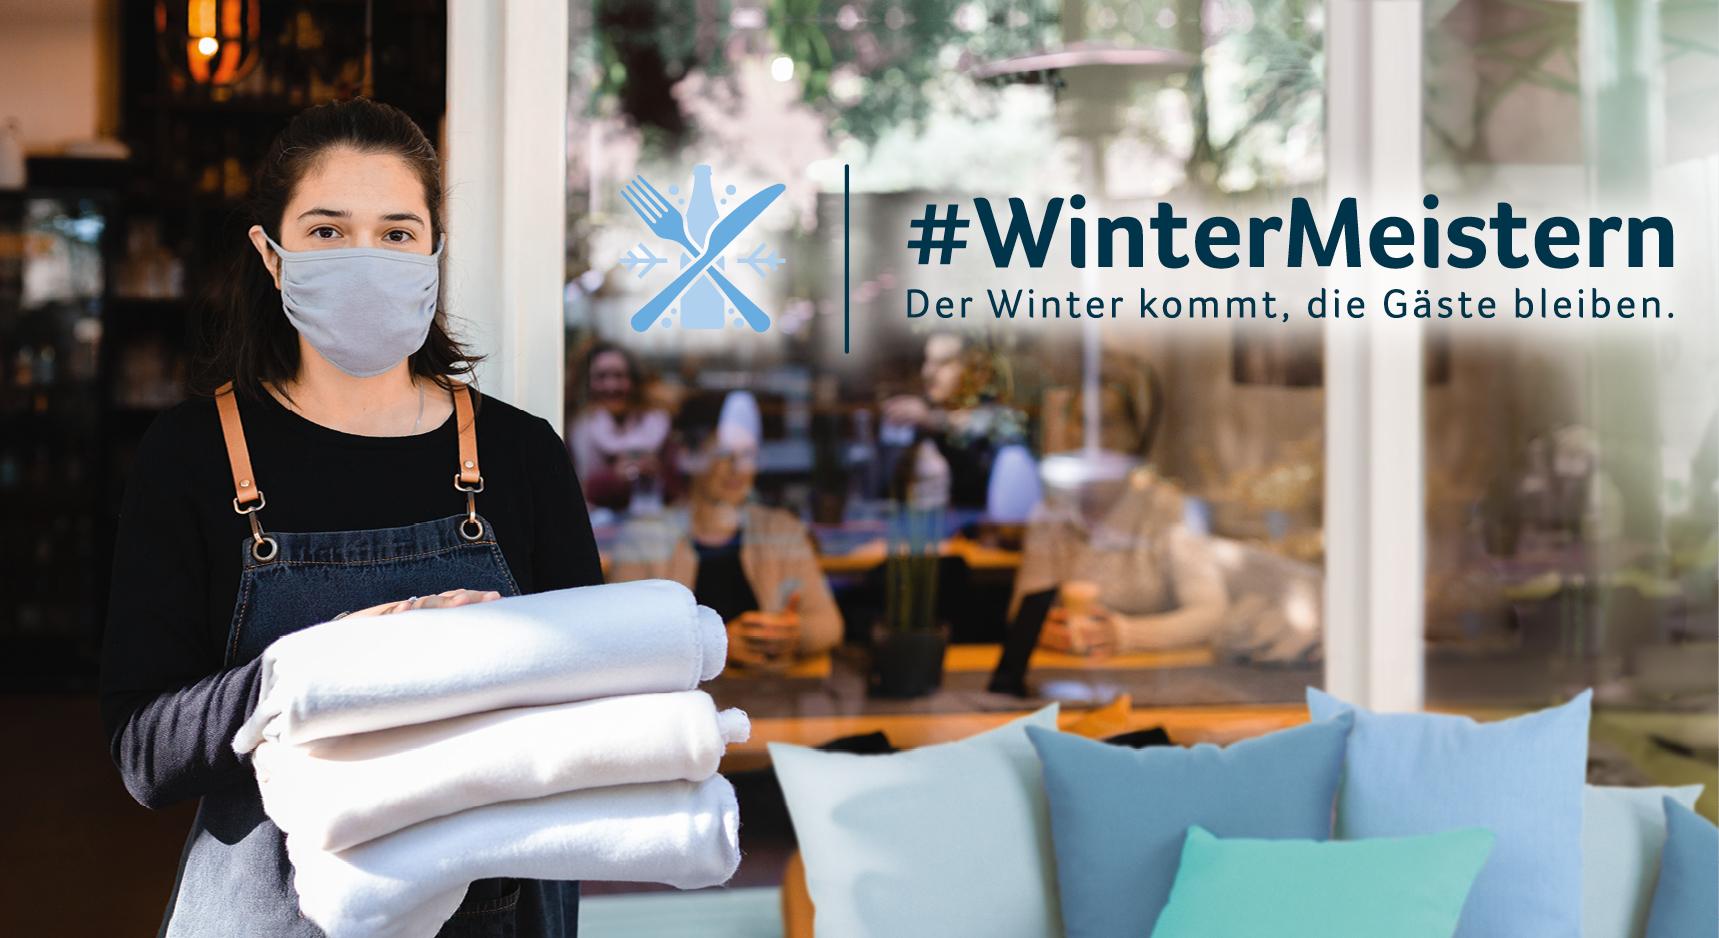 Winter meistern